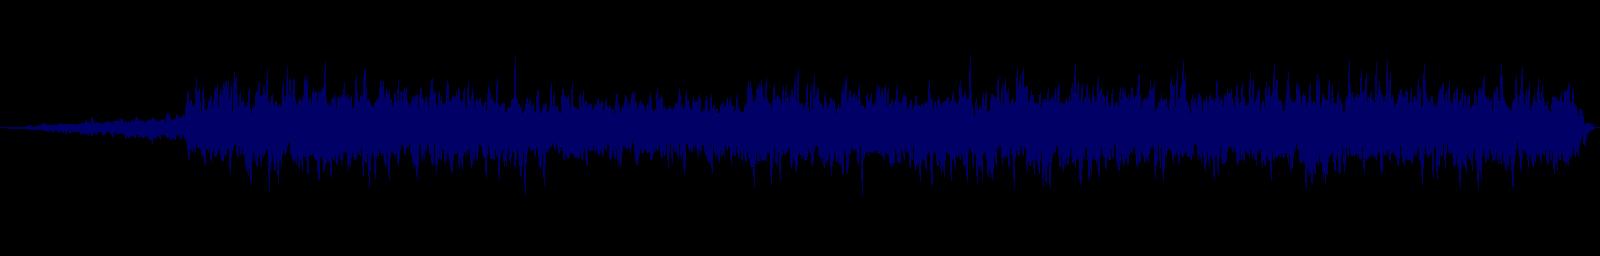 waveform of track #146699